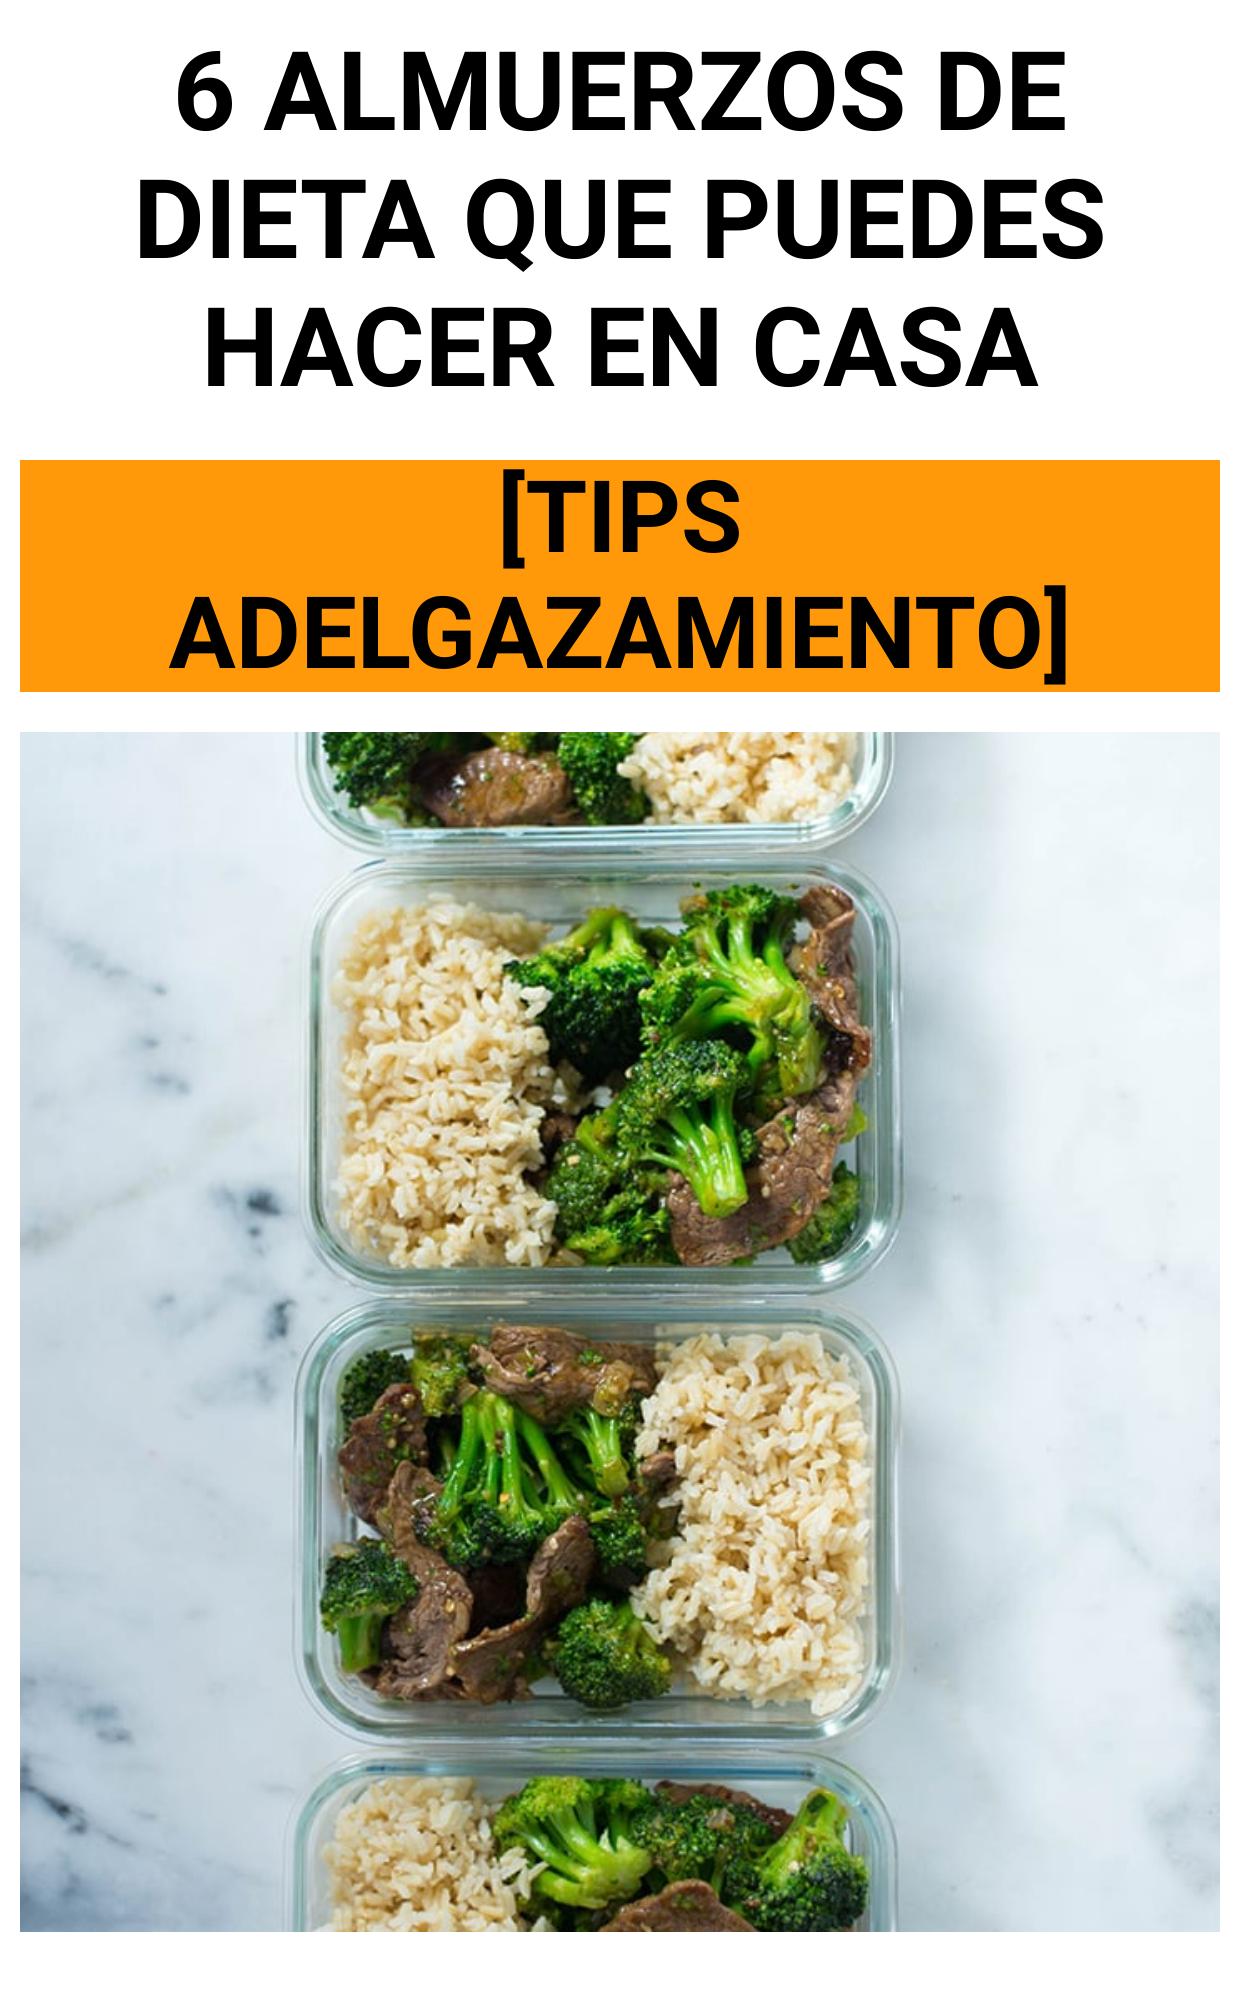 6 Almuerzos de dieta que puedes hacer en casa